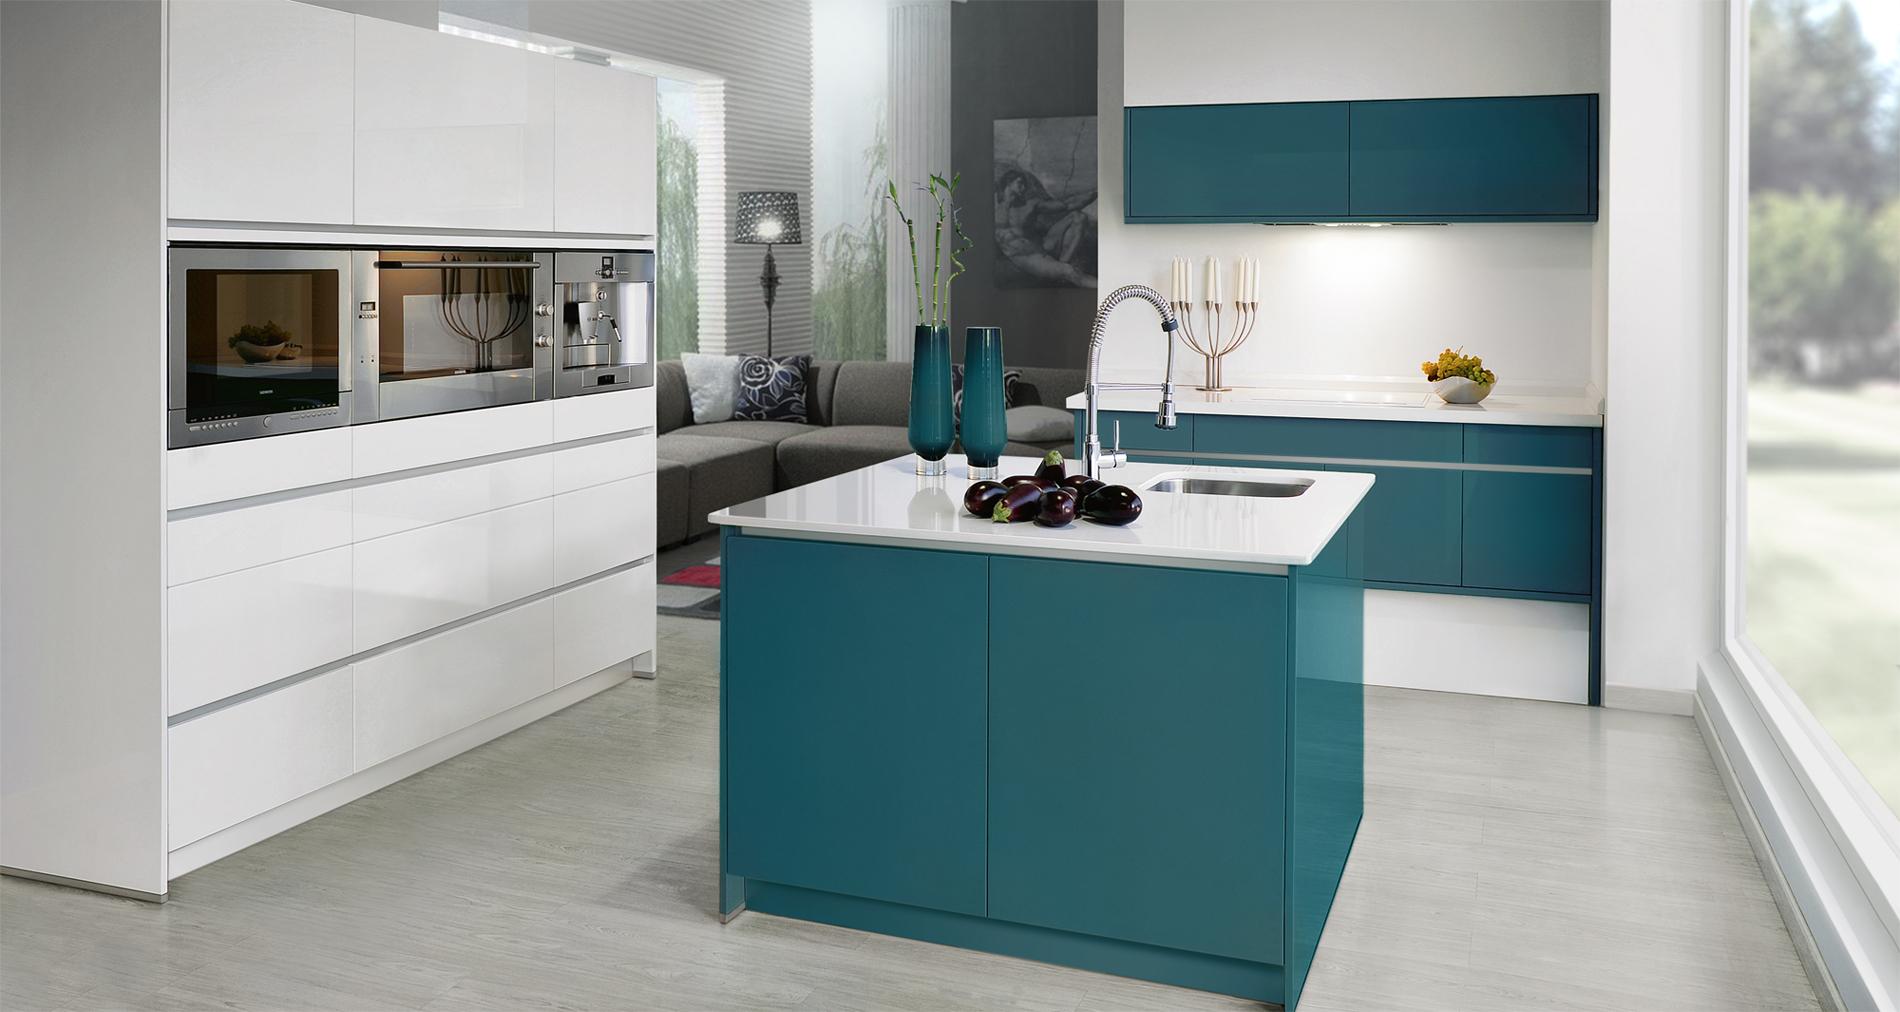 RH : Cocinas Creativas - Fábrica de cocinas en León, fabricante de ...